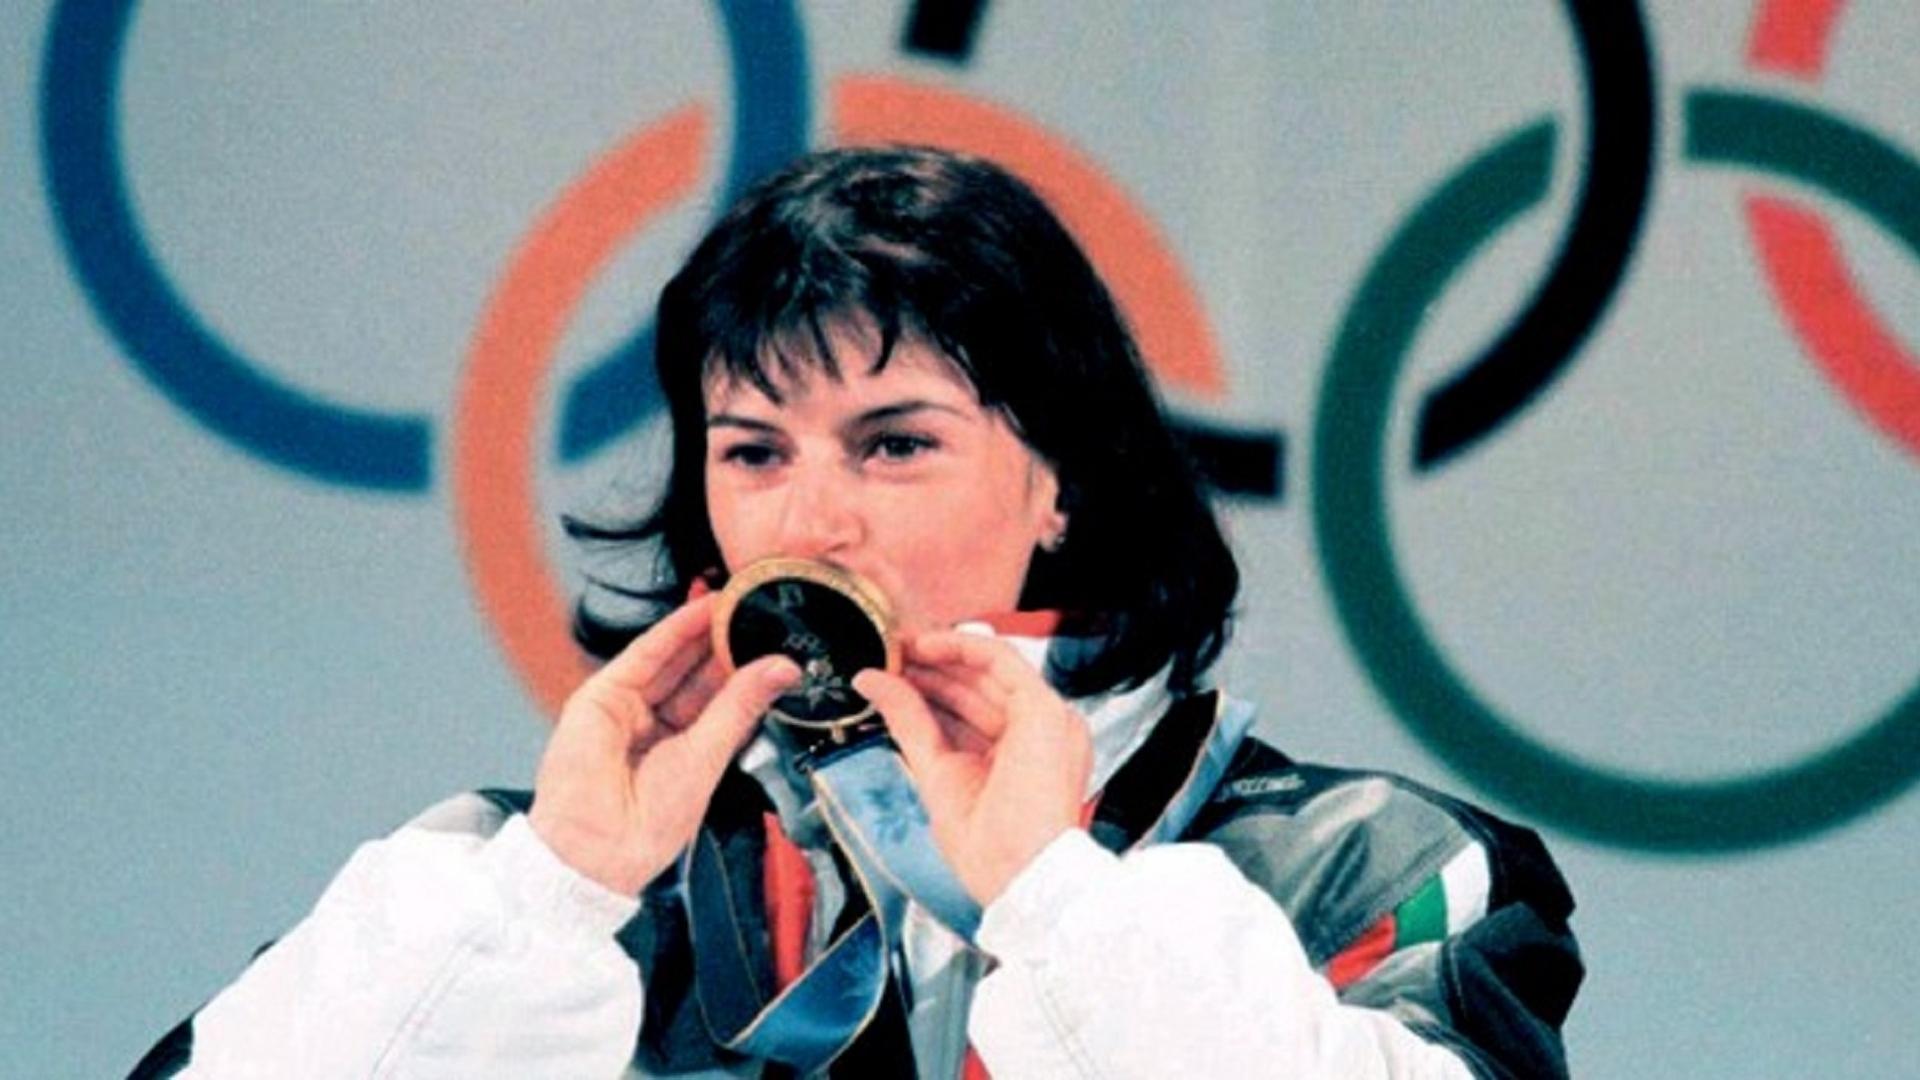 На тази дата рожден ден празнува първата шампионка от Зимни олимпийски игри за България - Екатерина Дафовска